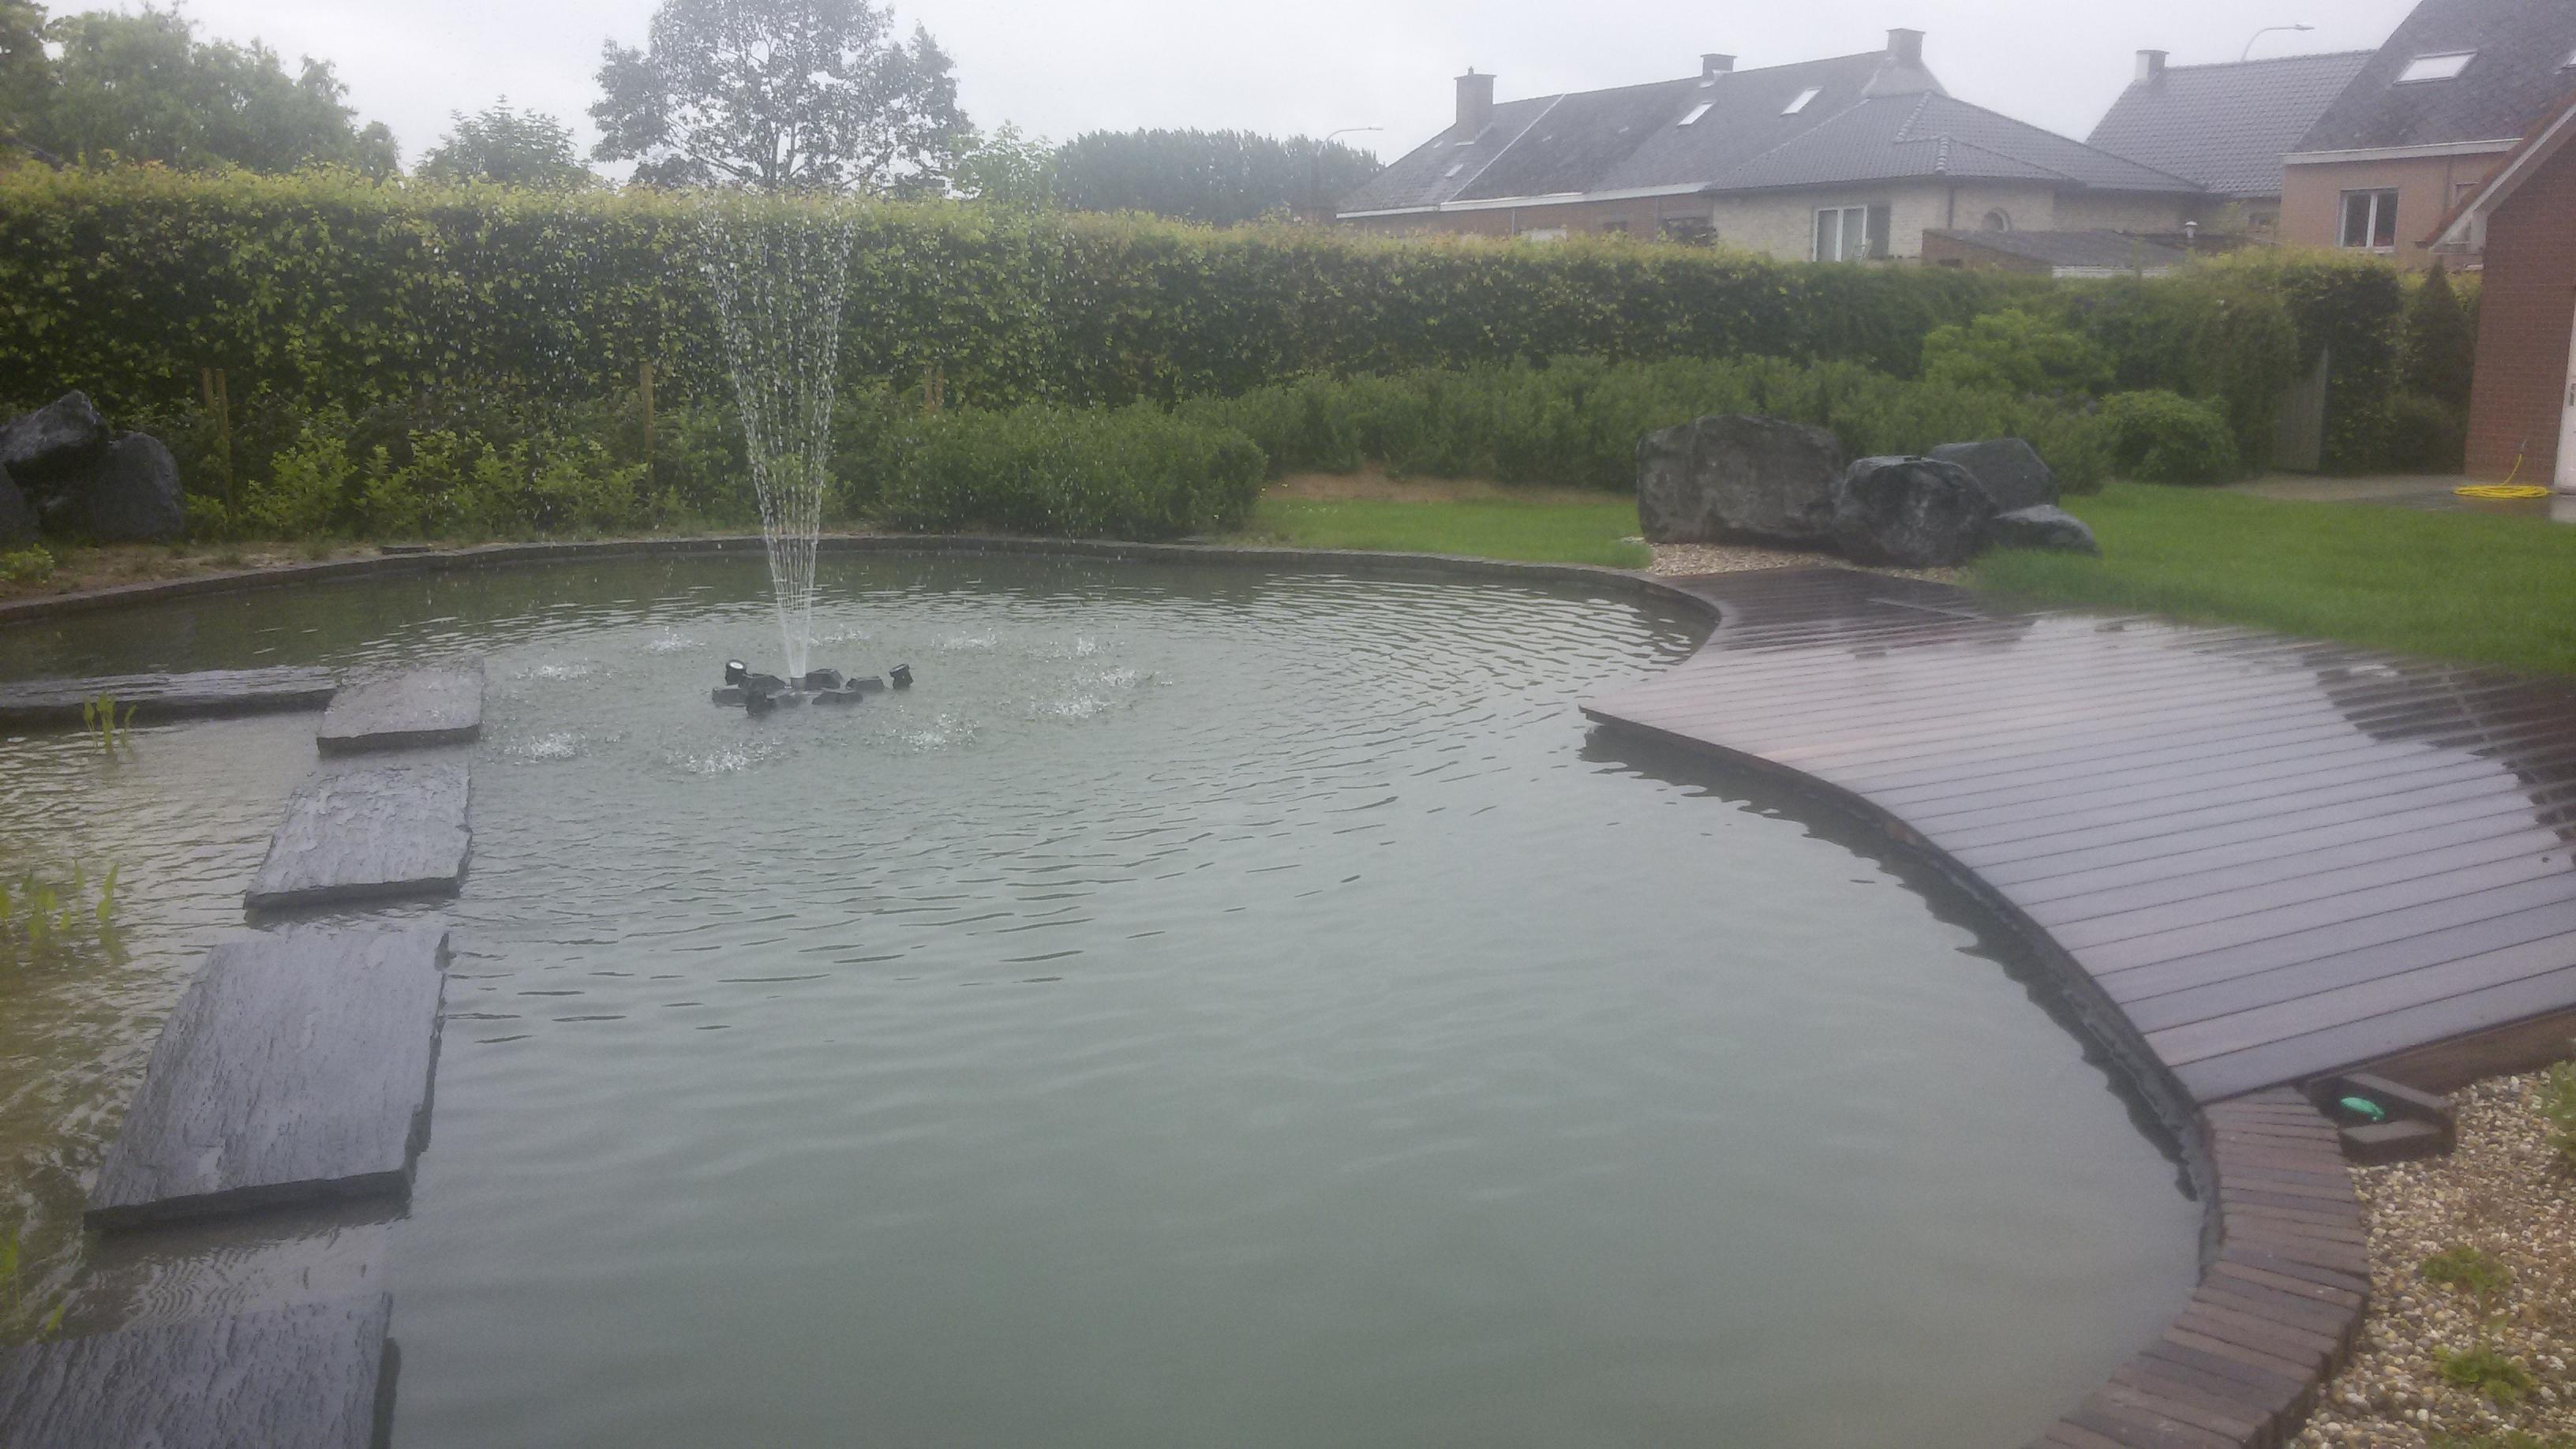 zwemvijver, vijver fontein, tuinaanleg houten terras